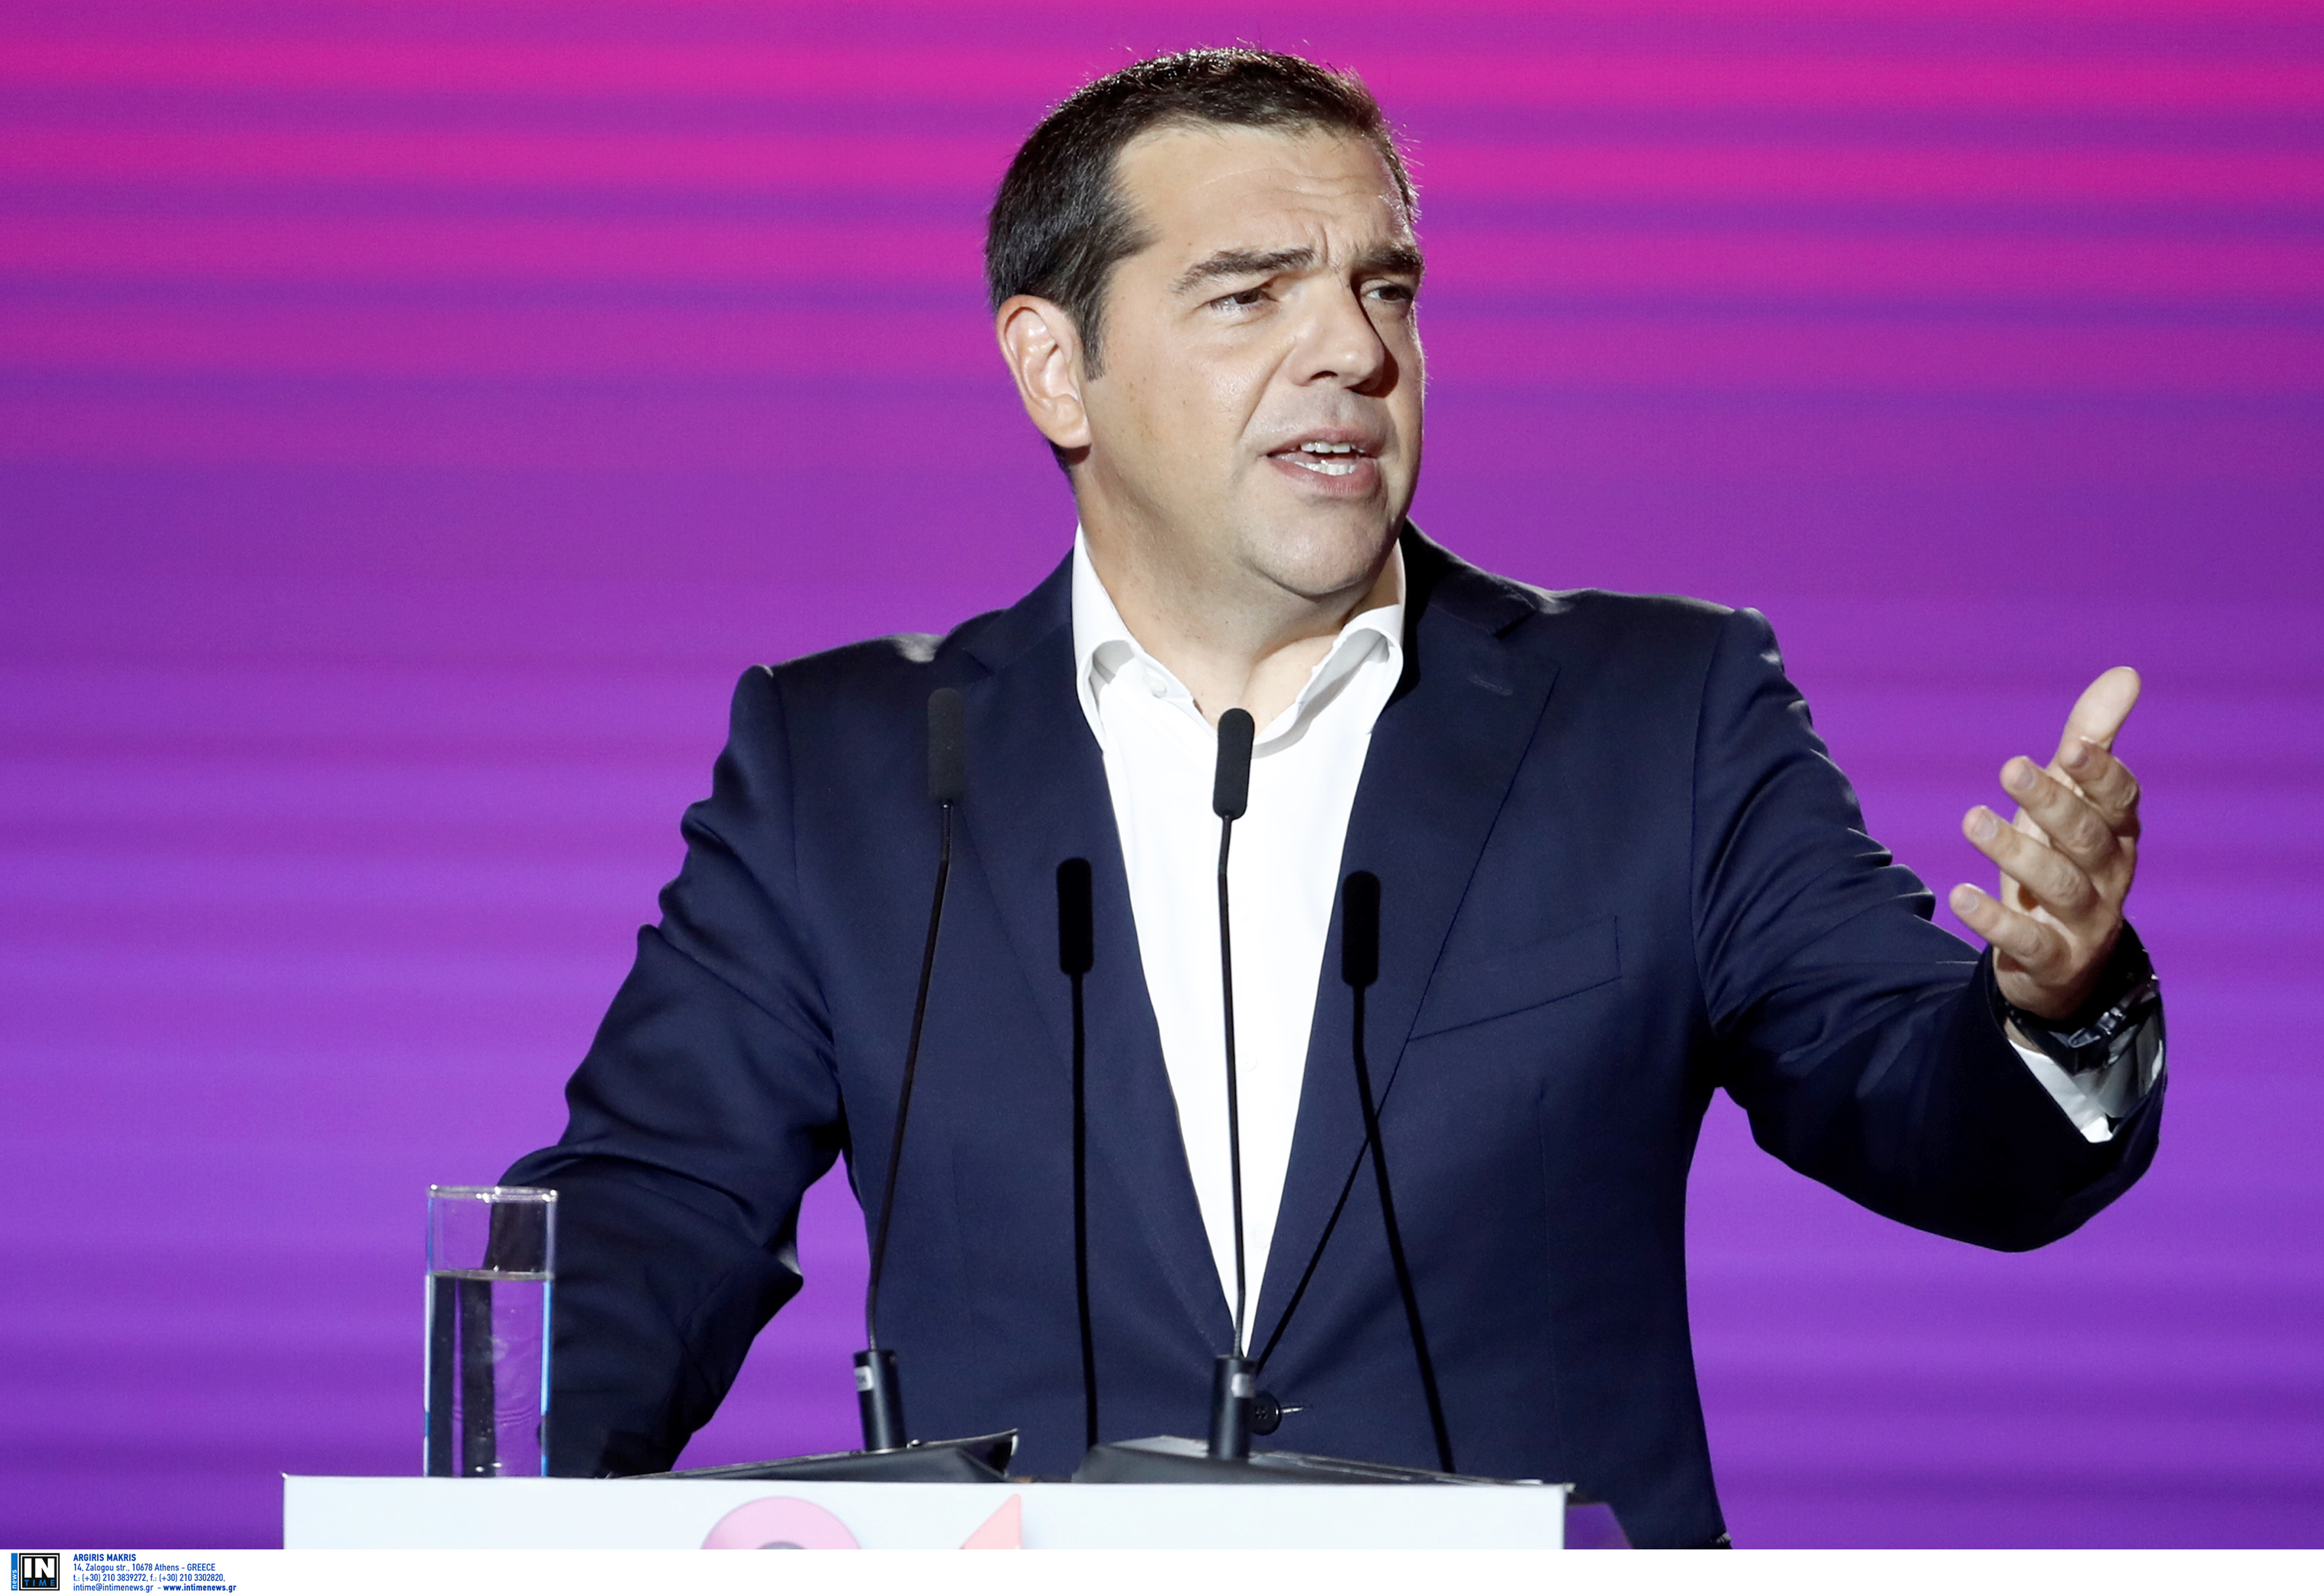 Τσίπρας: Κάναμε μια πατριωτική συμφωνία με τα Σκόπια και μας πολέμησαν